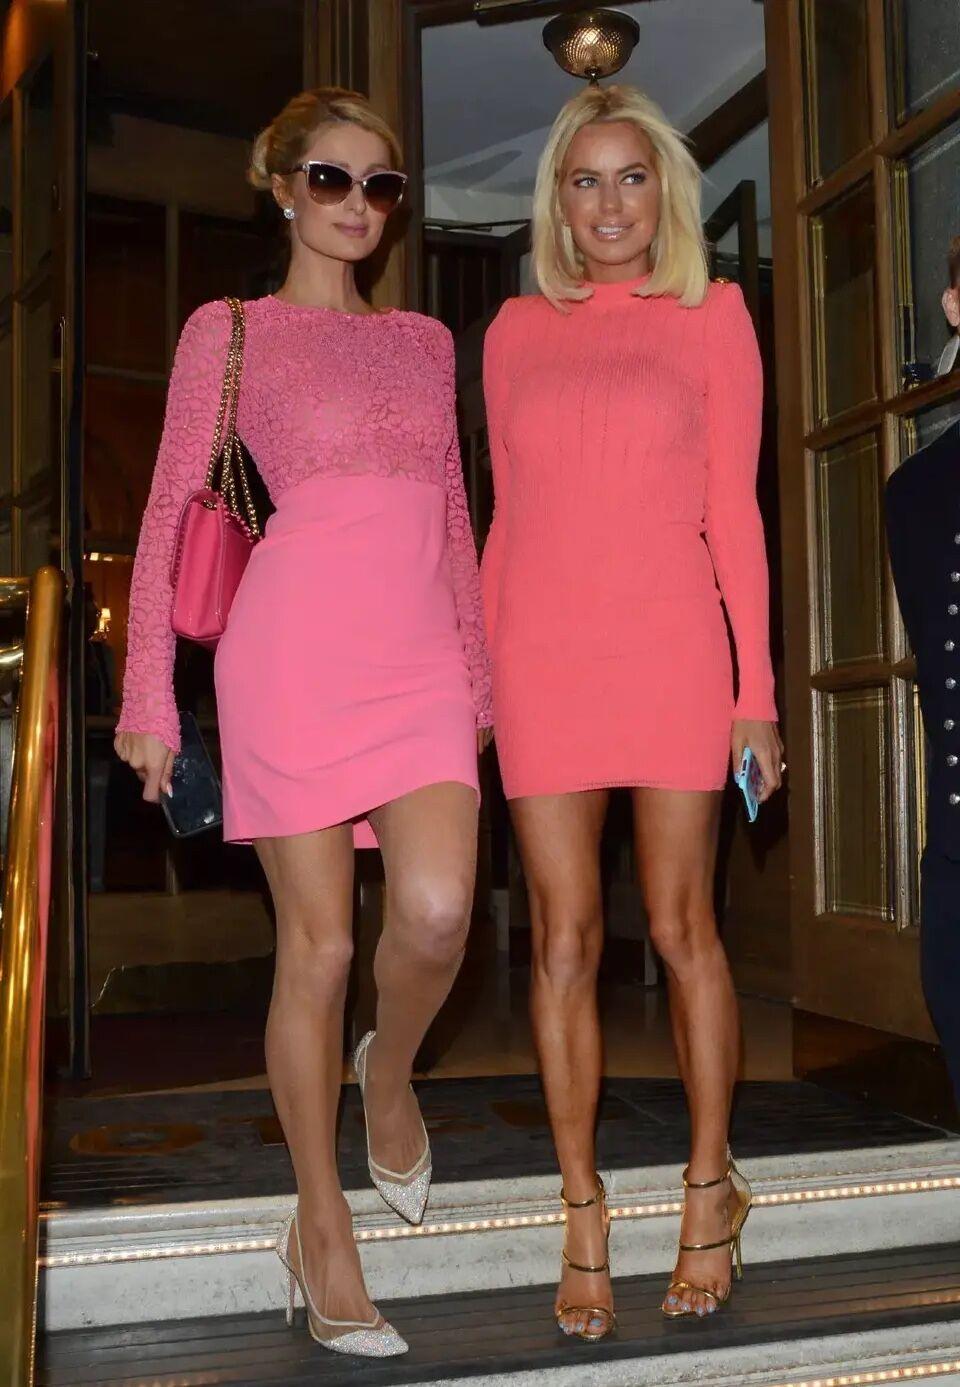 帕丽斯.希尔顿外出,一袭芭比粉短裙,尽显优雅名媛风